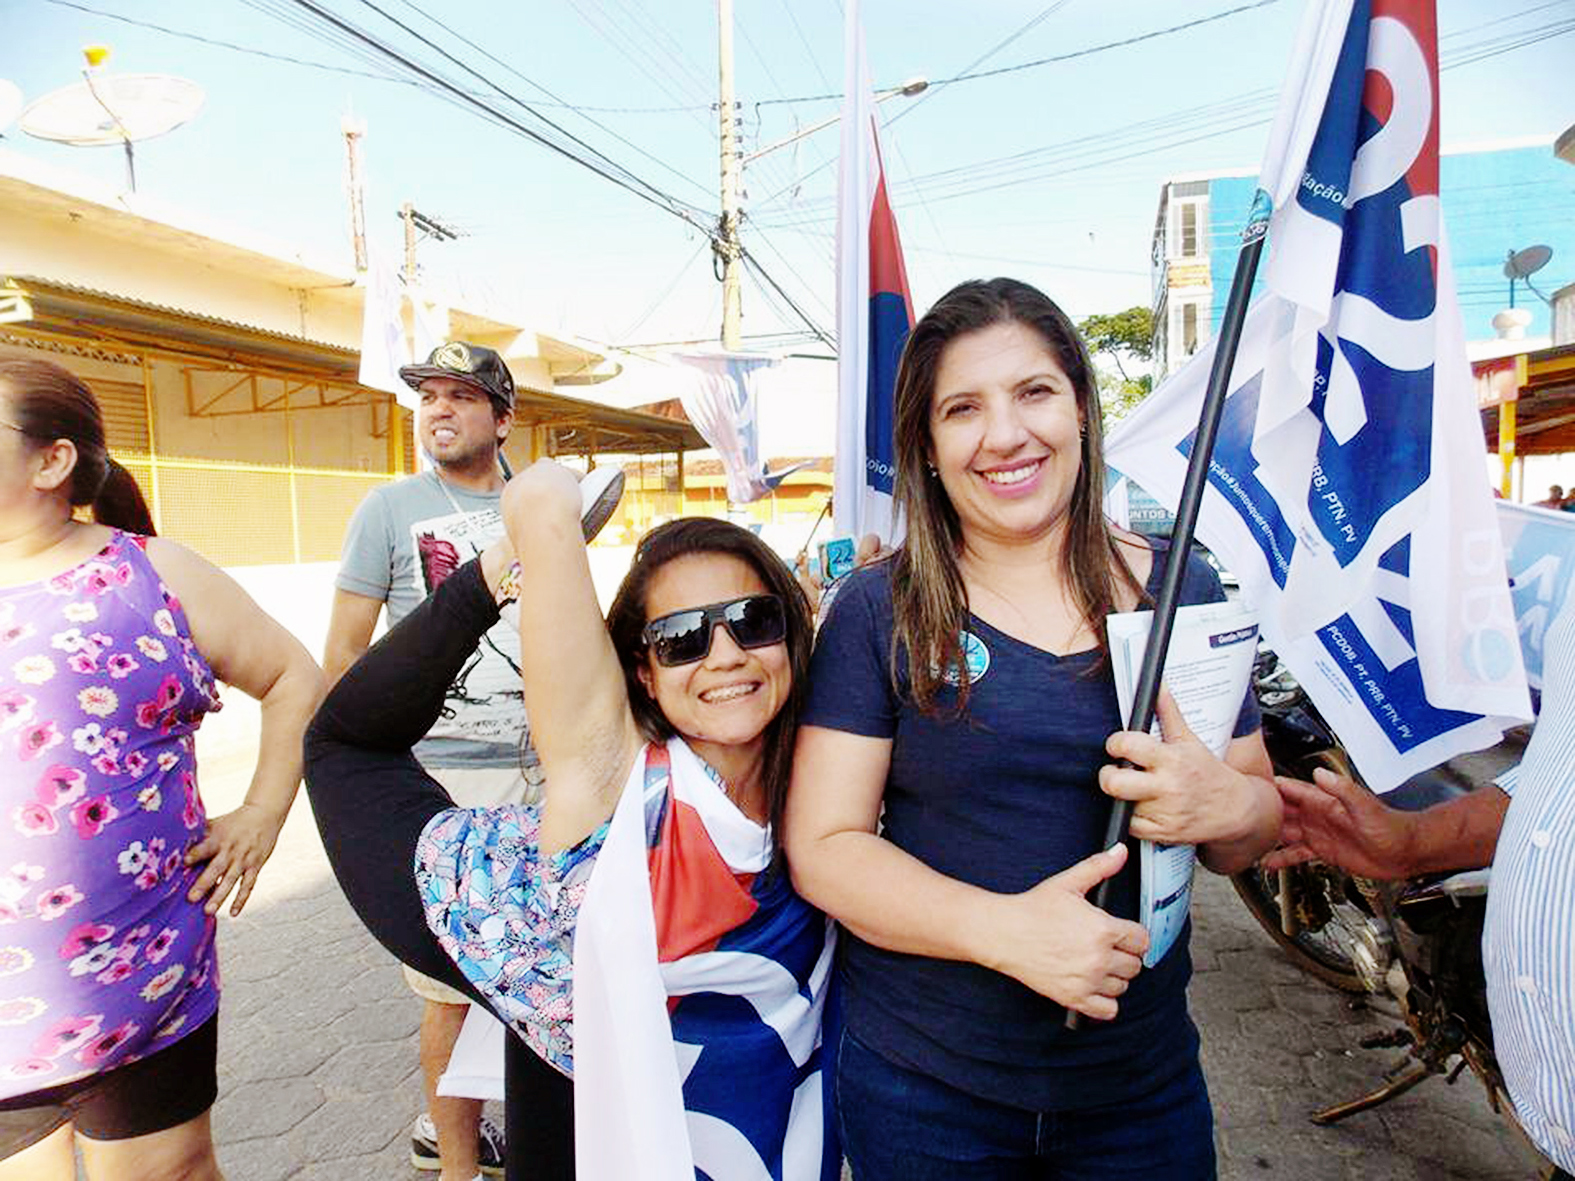 Erica bate concorrentes em campanha marcada por denúncias; futura prefeita promete fim da corrupção (Foto: Reprodução)